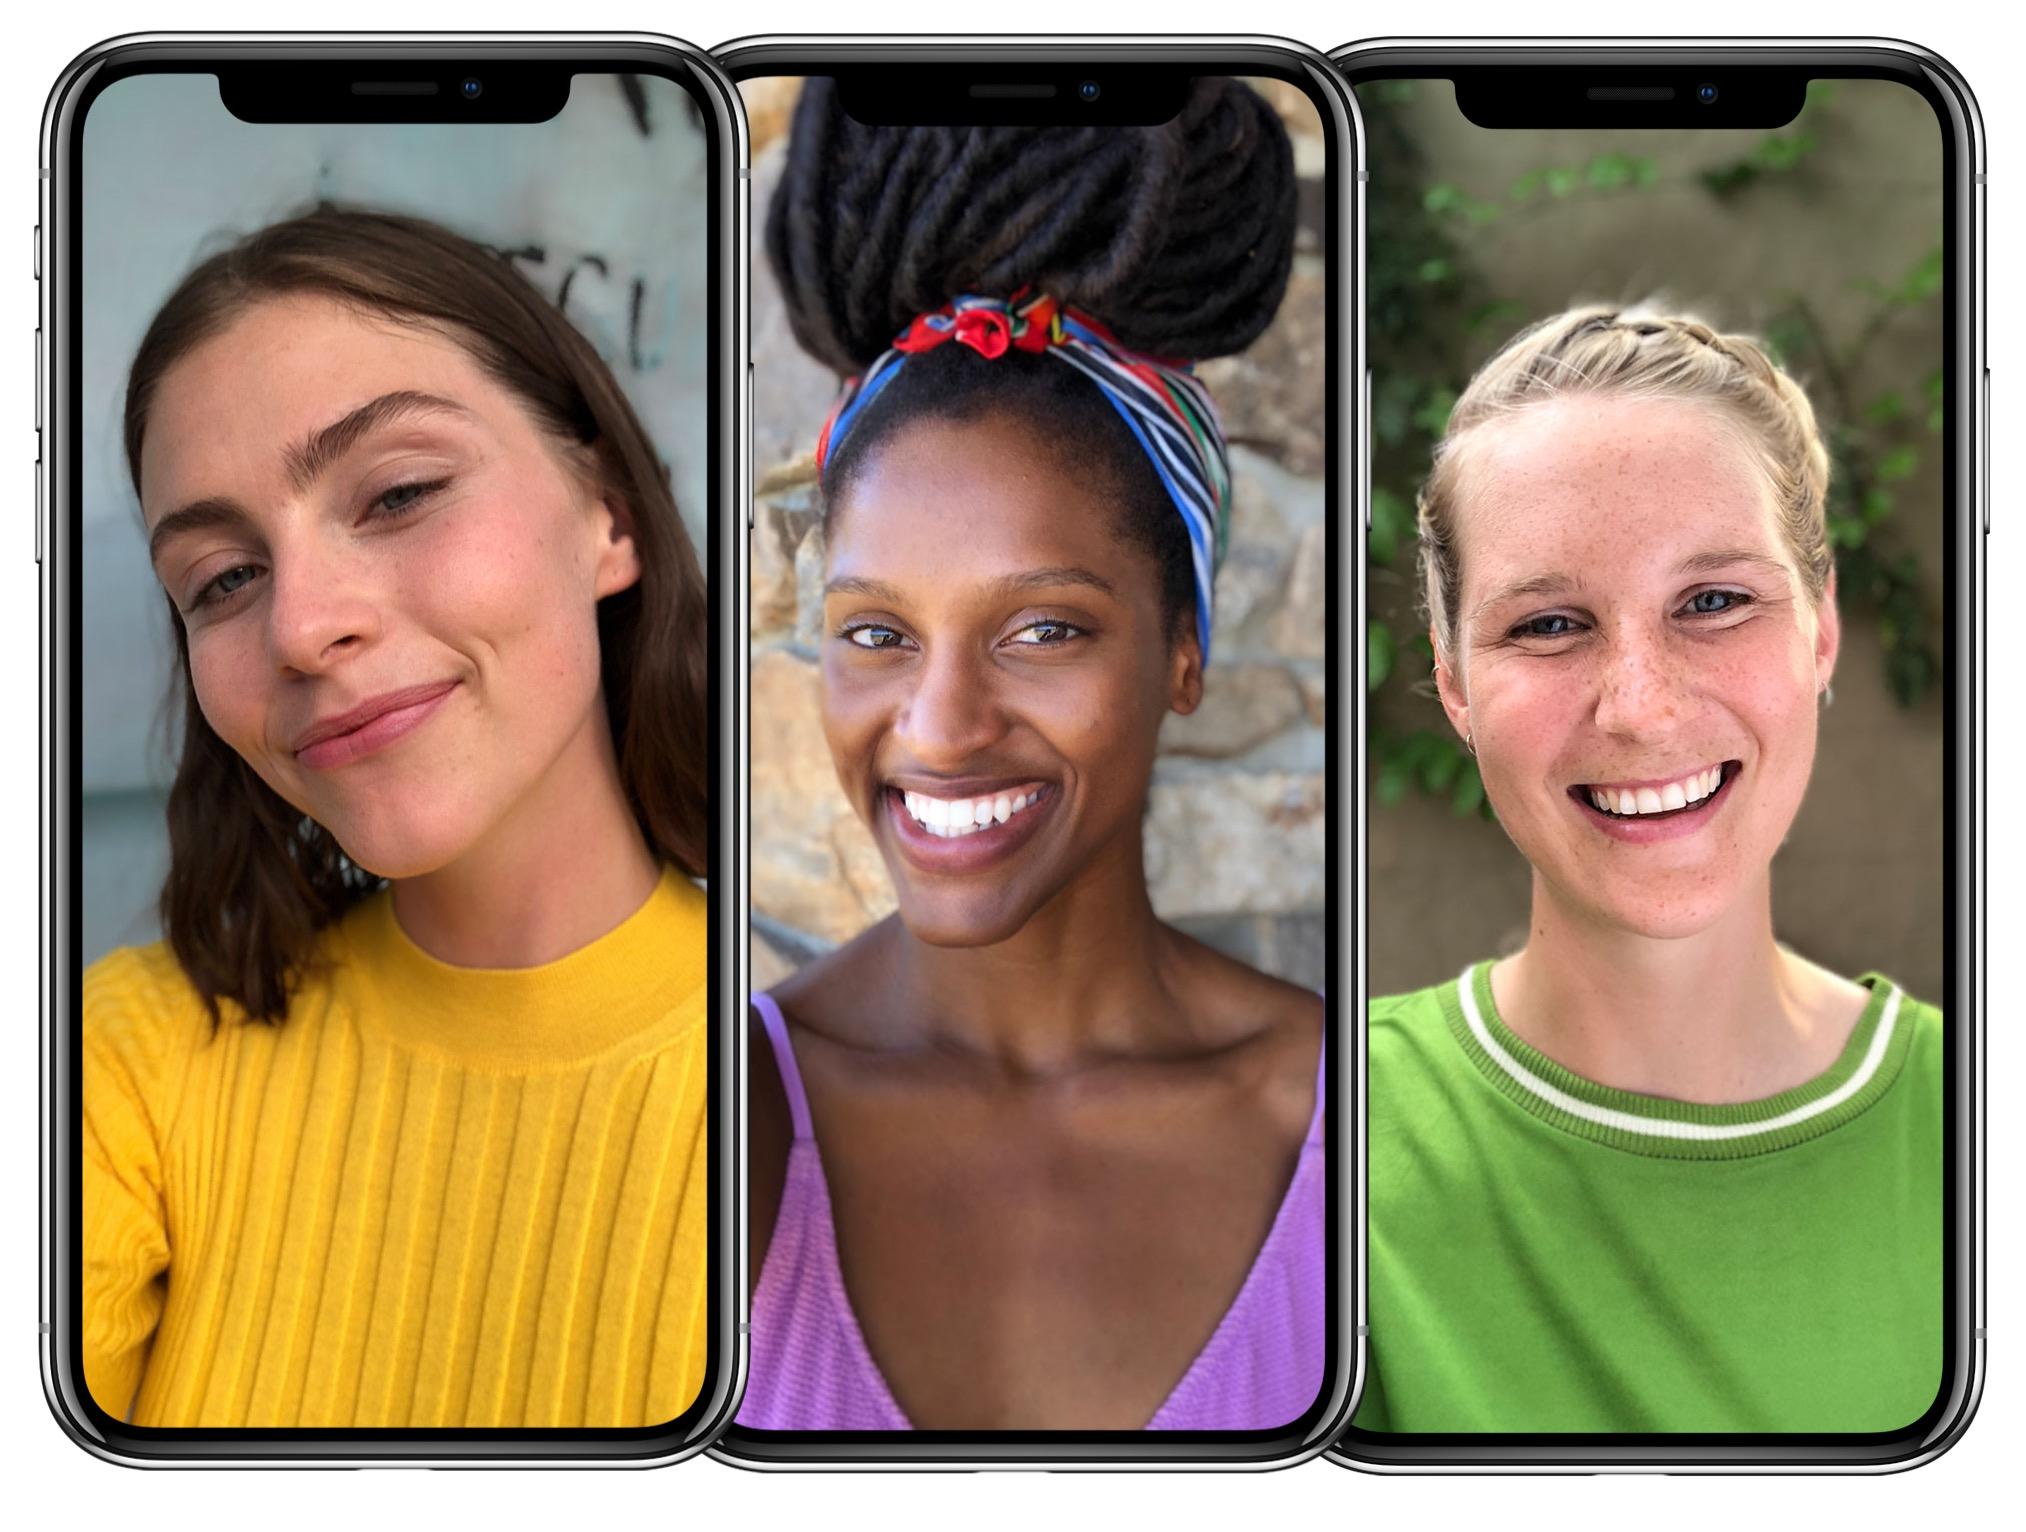 Photos prises avec la caméra frontale de l'iPhone X